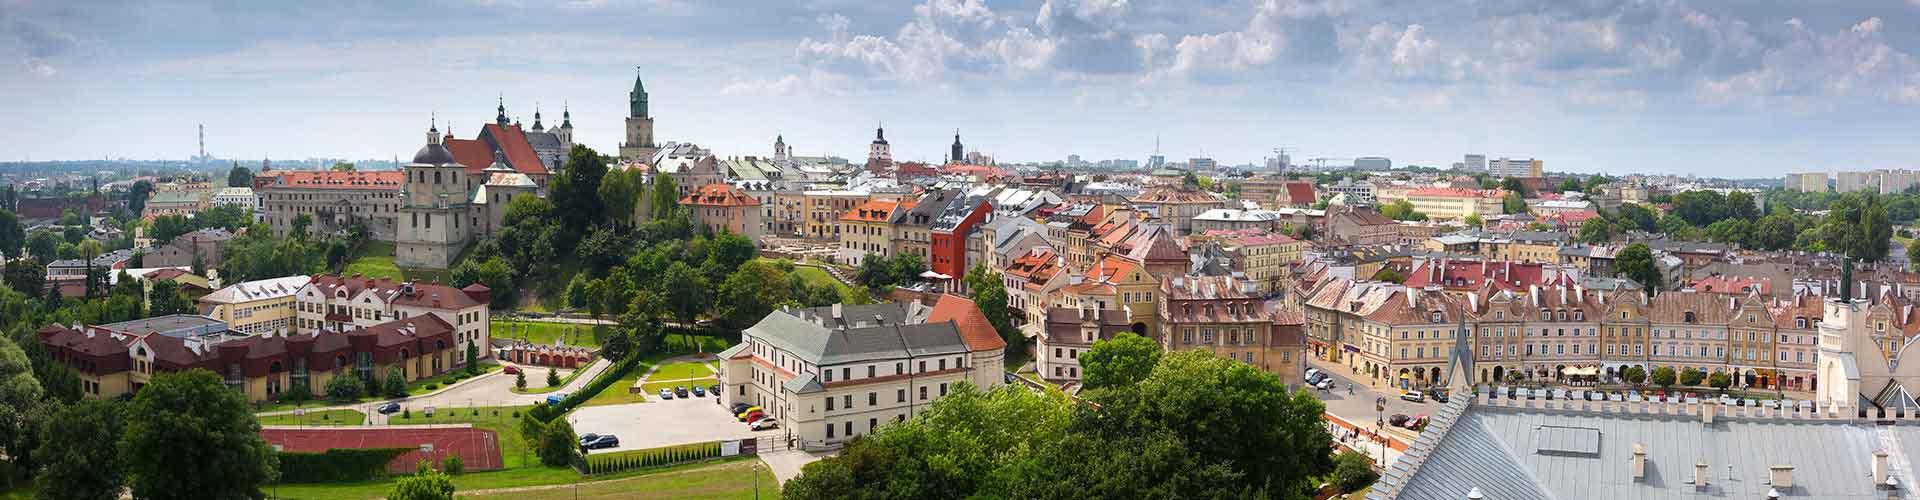 Lublin - Appartments à Lublin. Cartes pour Lublin, photos et commentaires pour chaque appartement à Lublin.